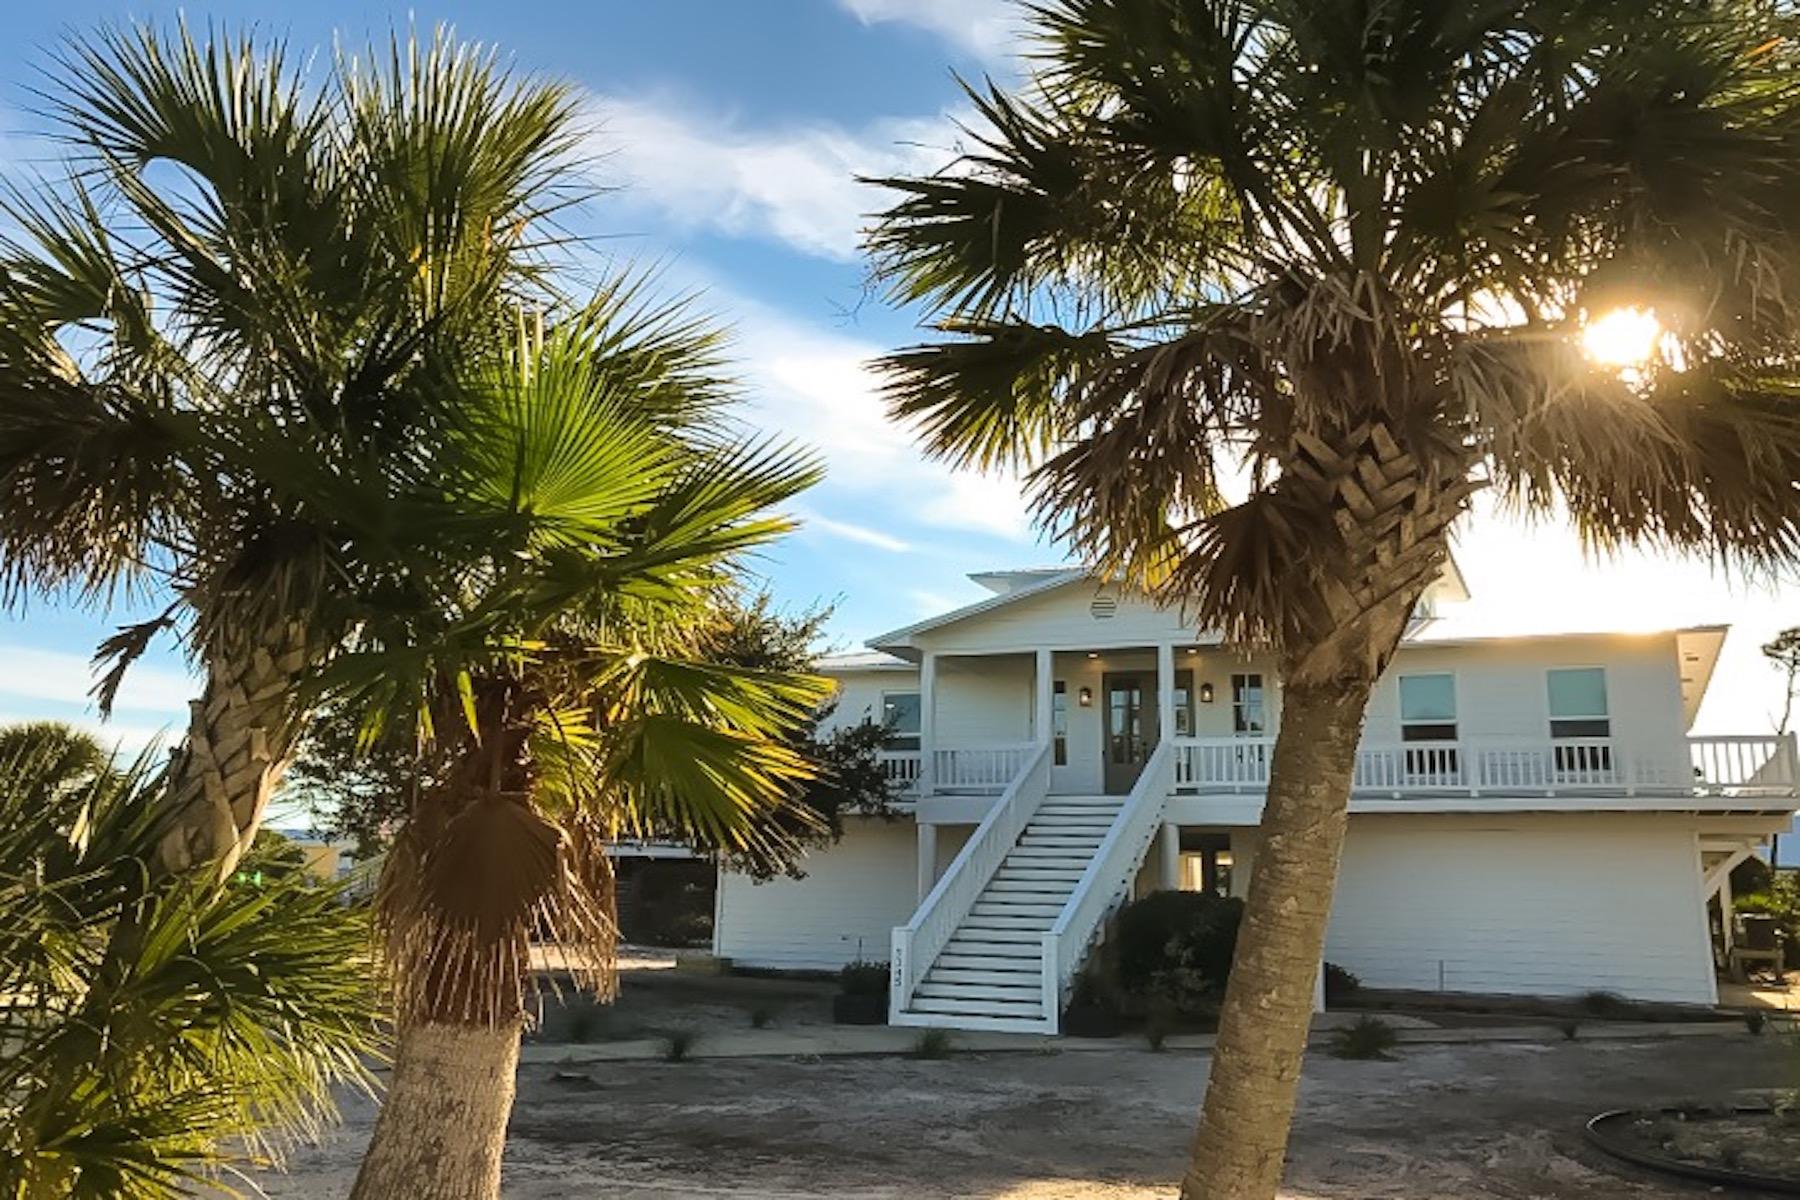 Tek Ailelik Ev için Satış at Perdido Key Coves 7145 Lafitte Road, Pensacola, Florida, 32507 Amerika Birleşik Devletleri